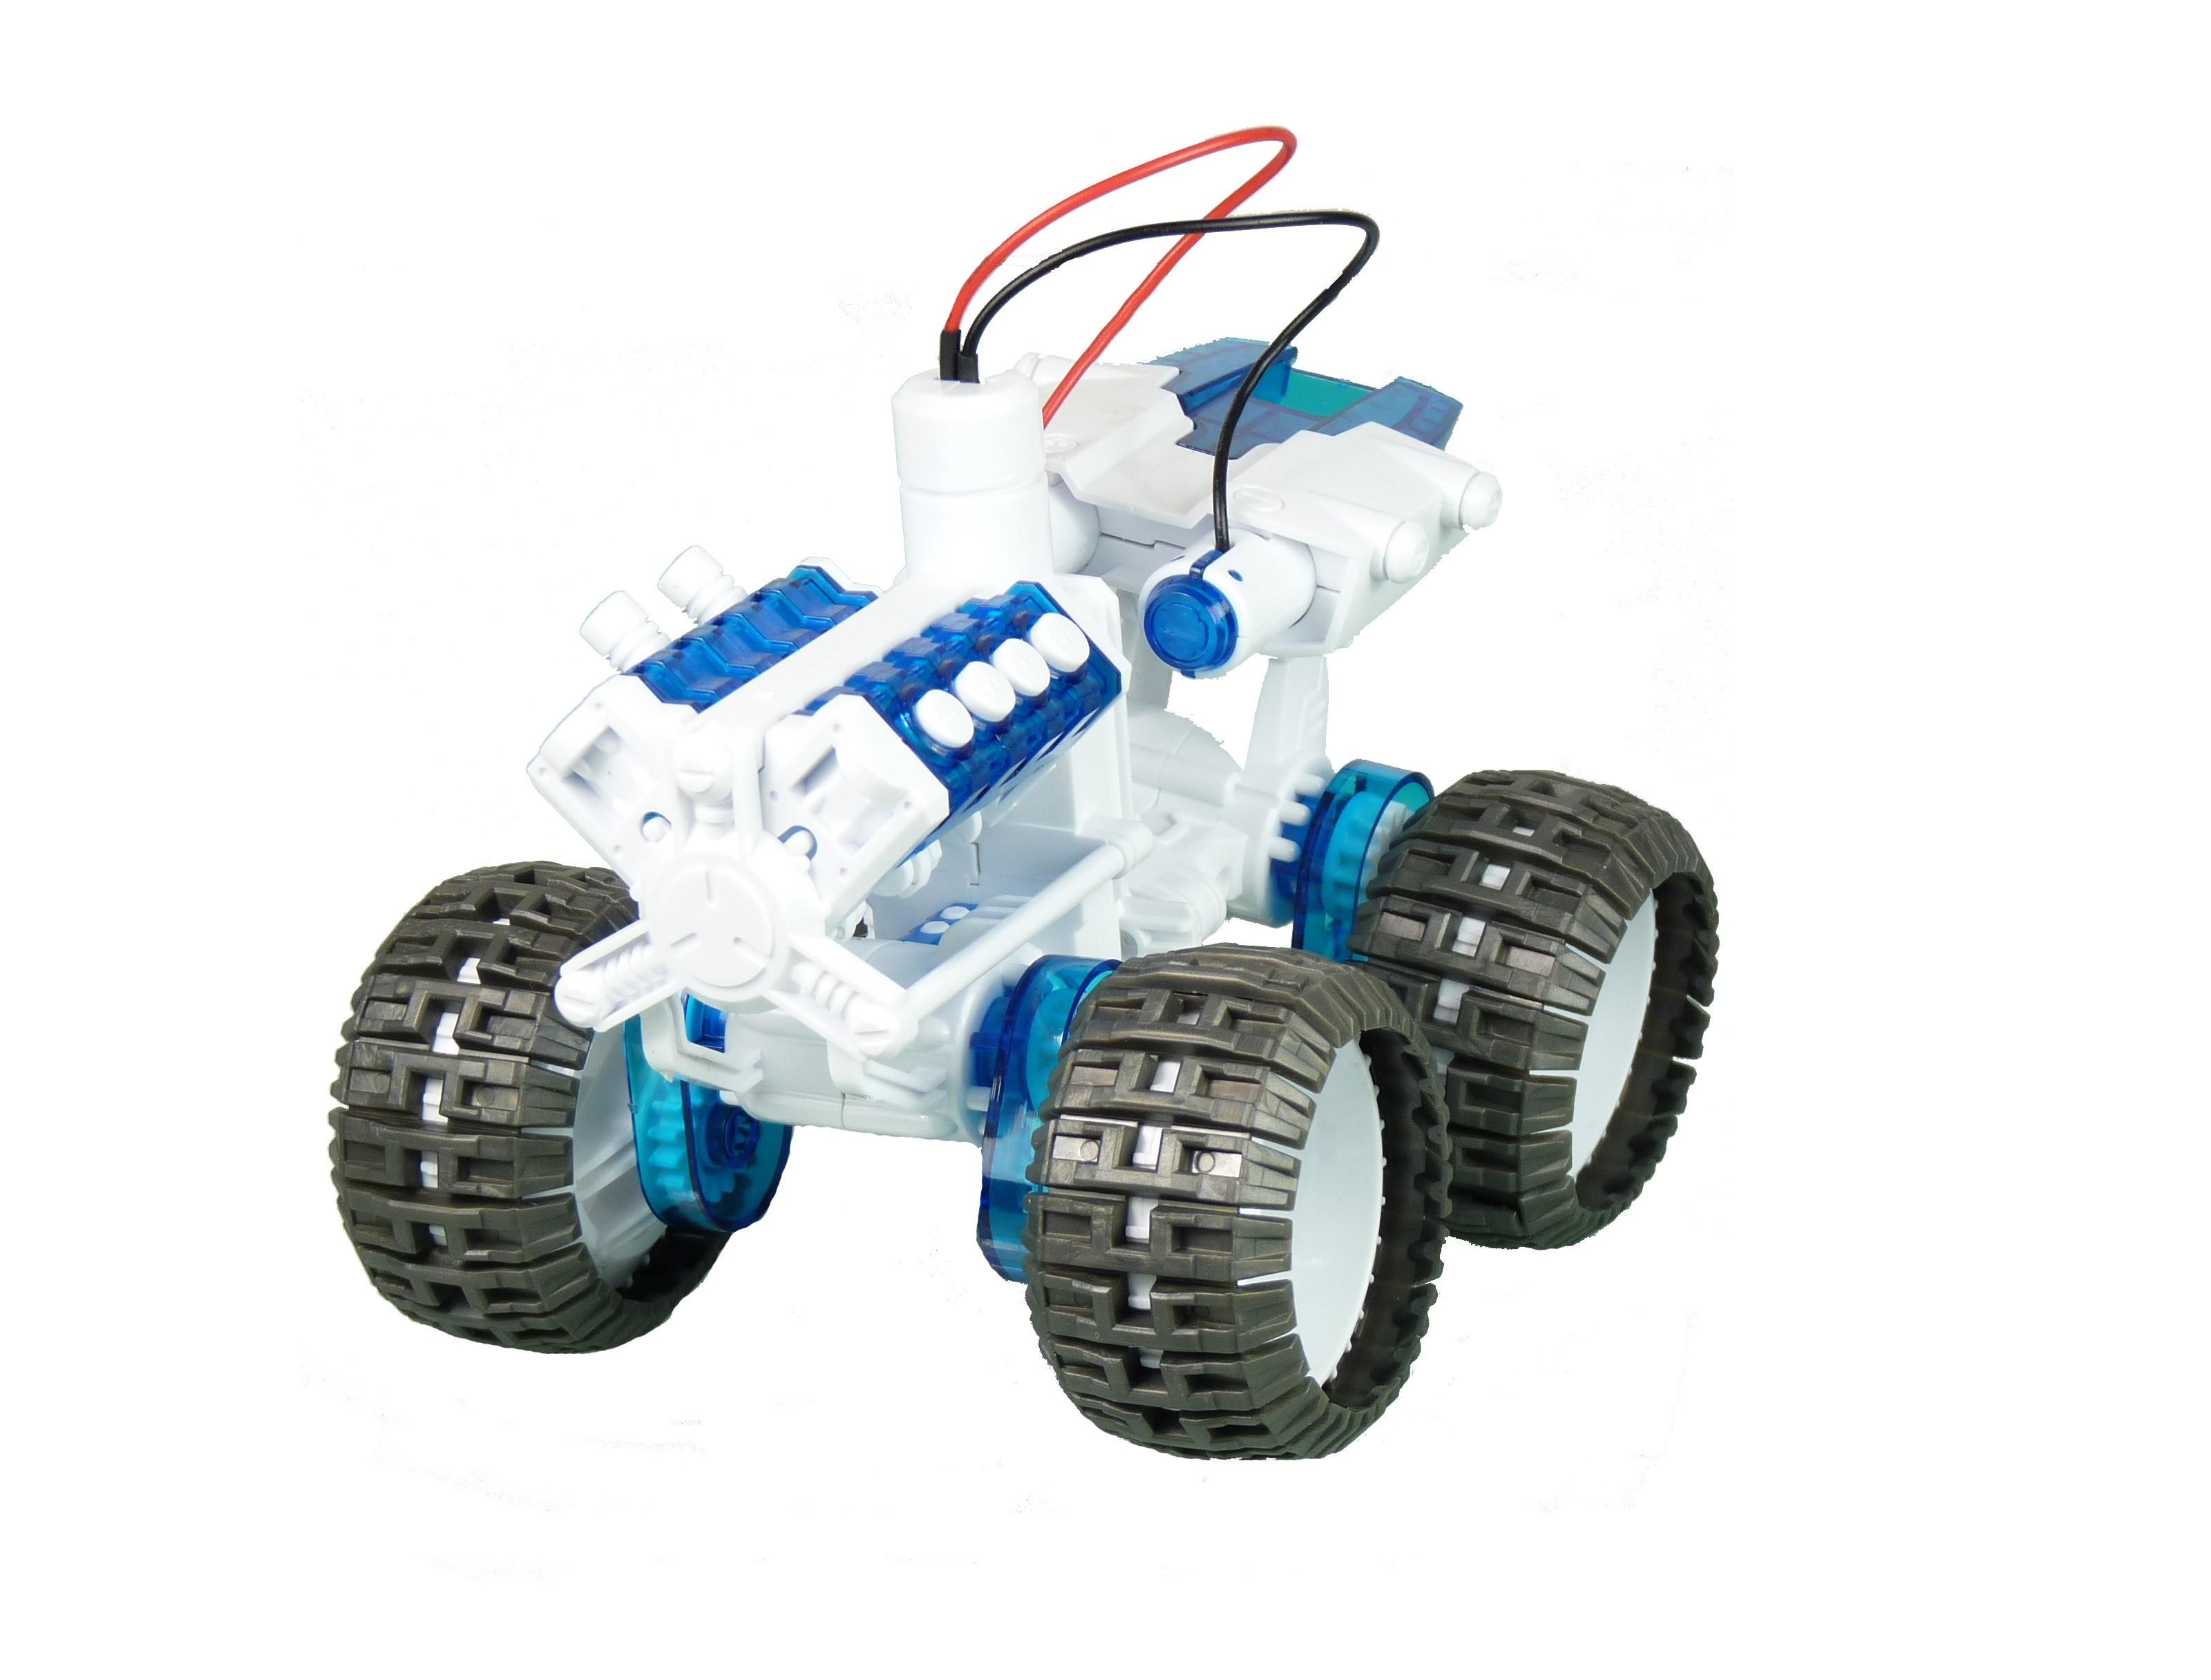 #0C3E7C Dette års Indlæring Gør Det Selv Robotter Og Modeller Gør Det Selv Computerbord 5071 320024325071